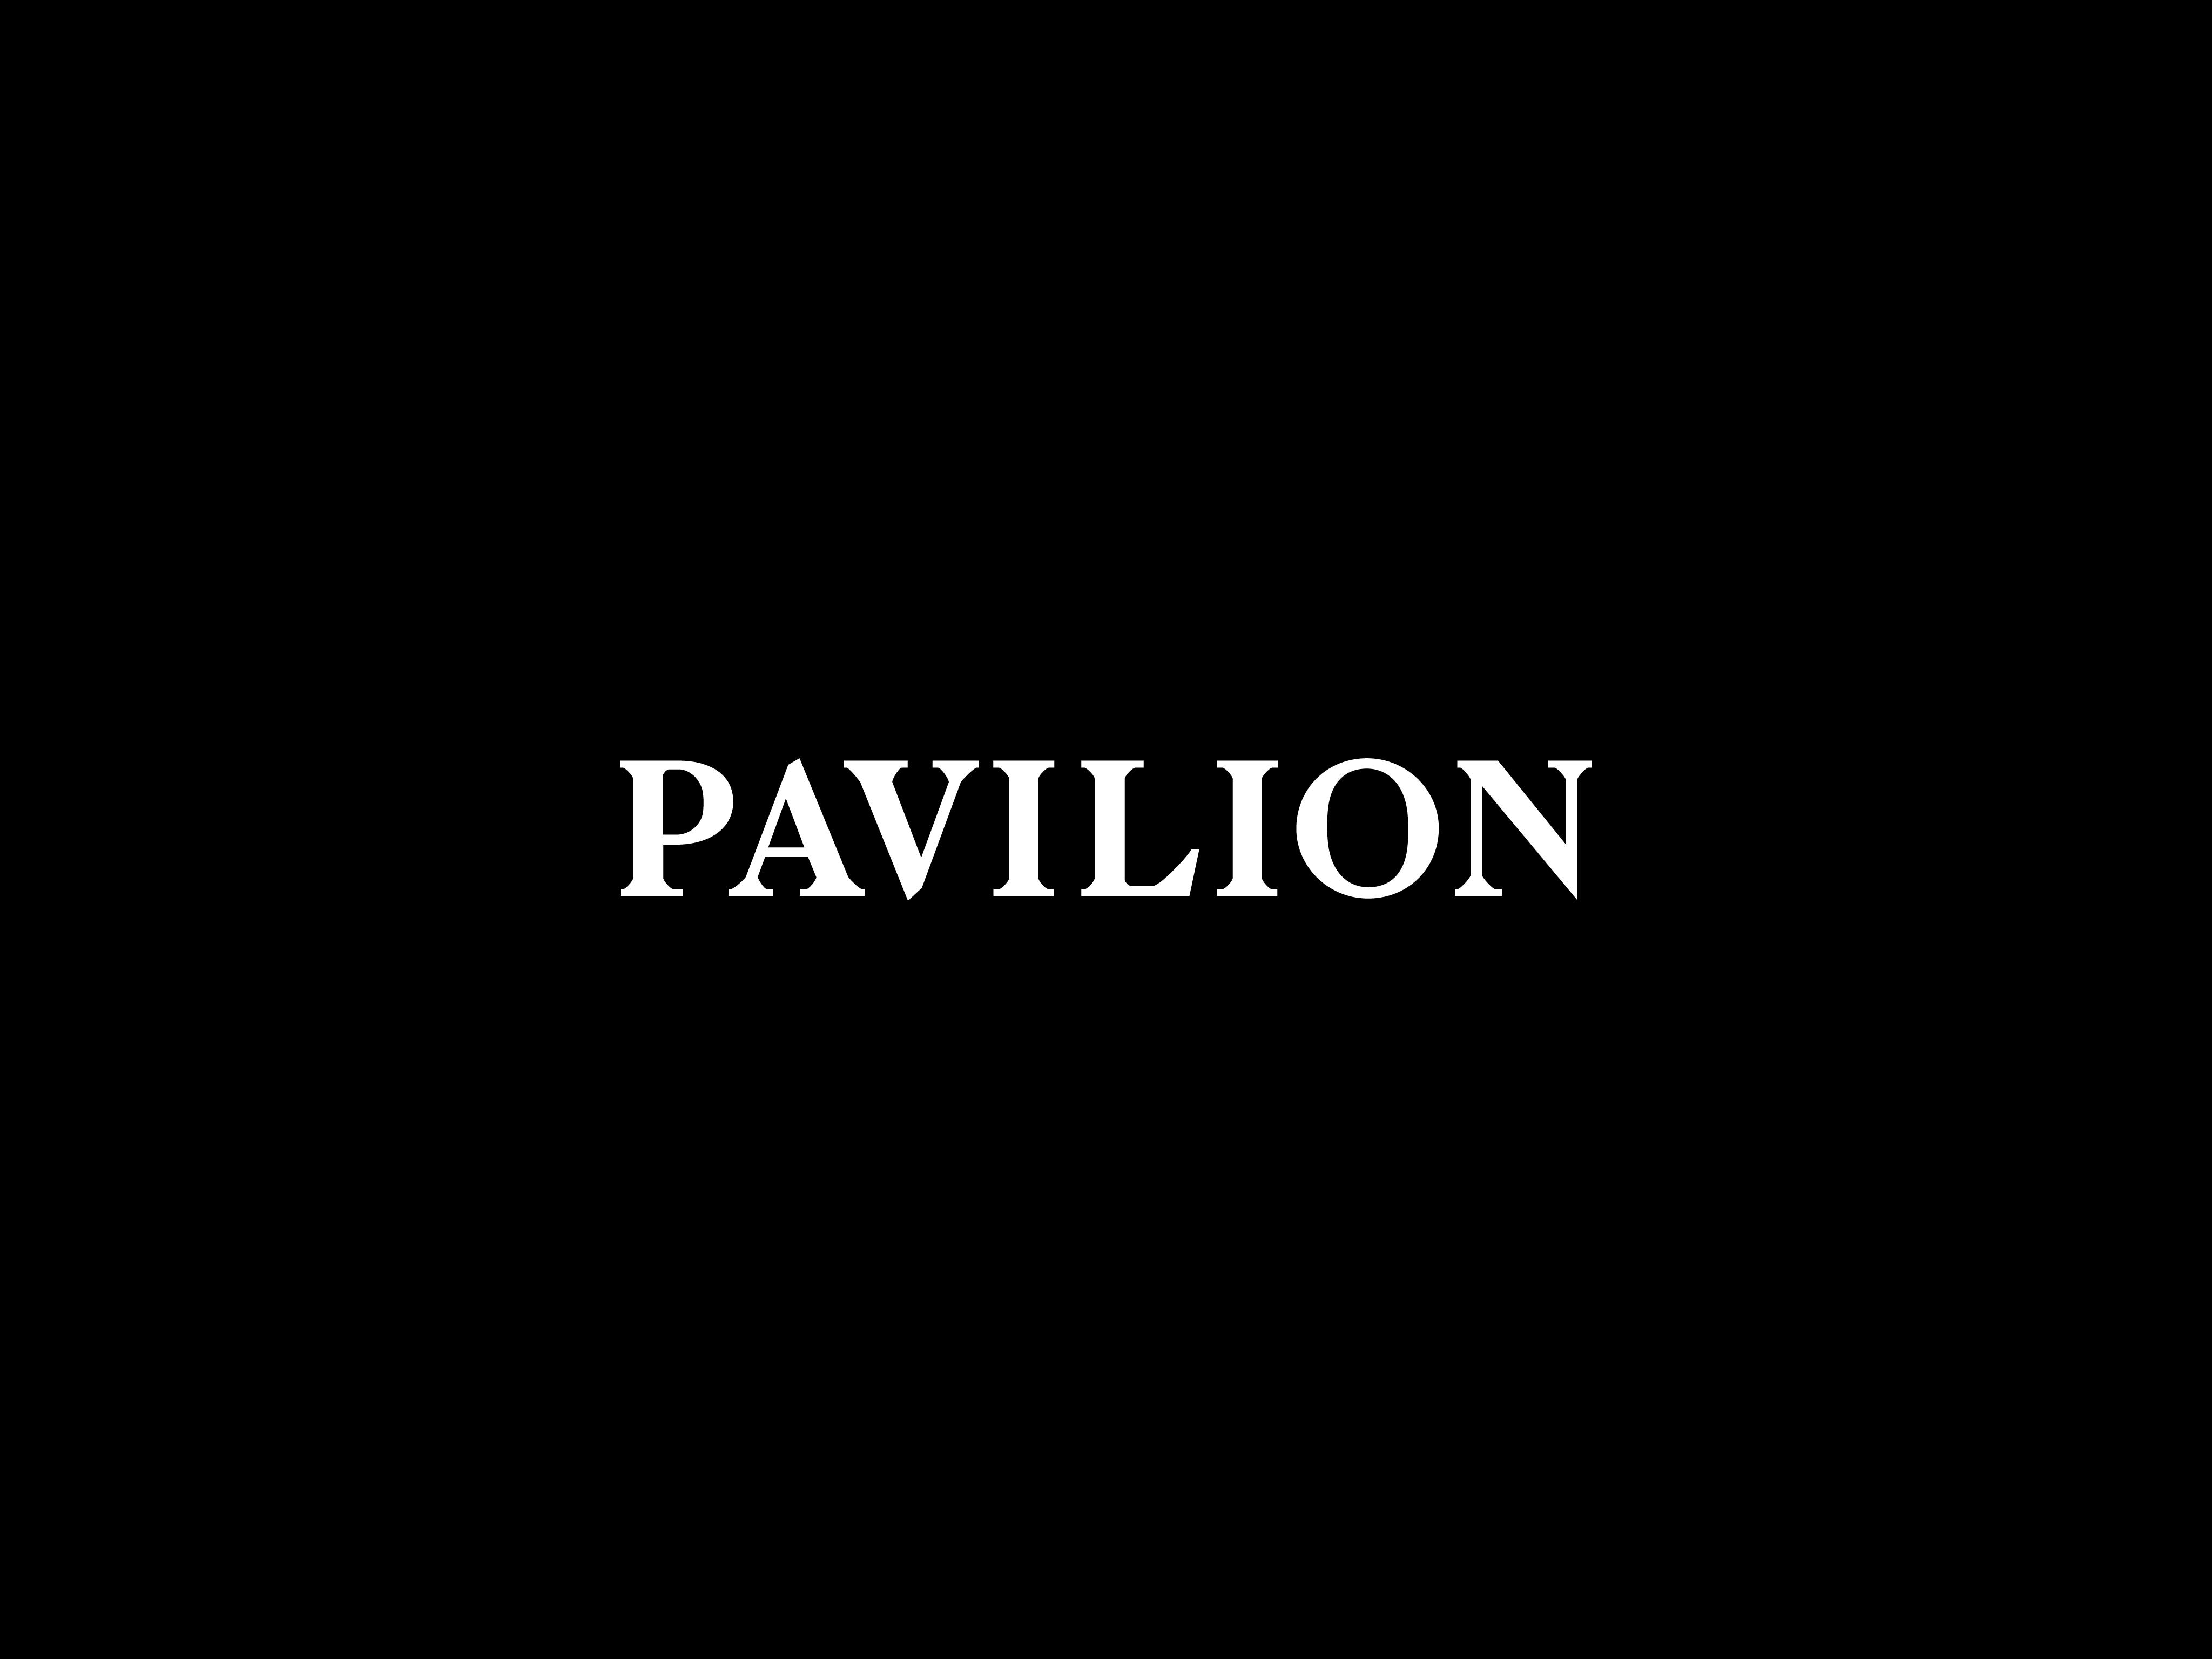 pavilion@2x